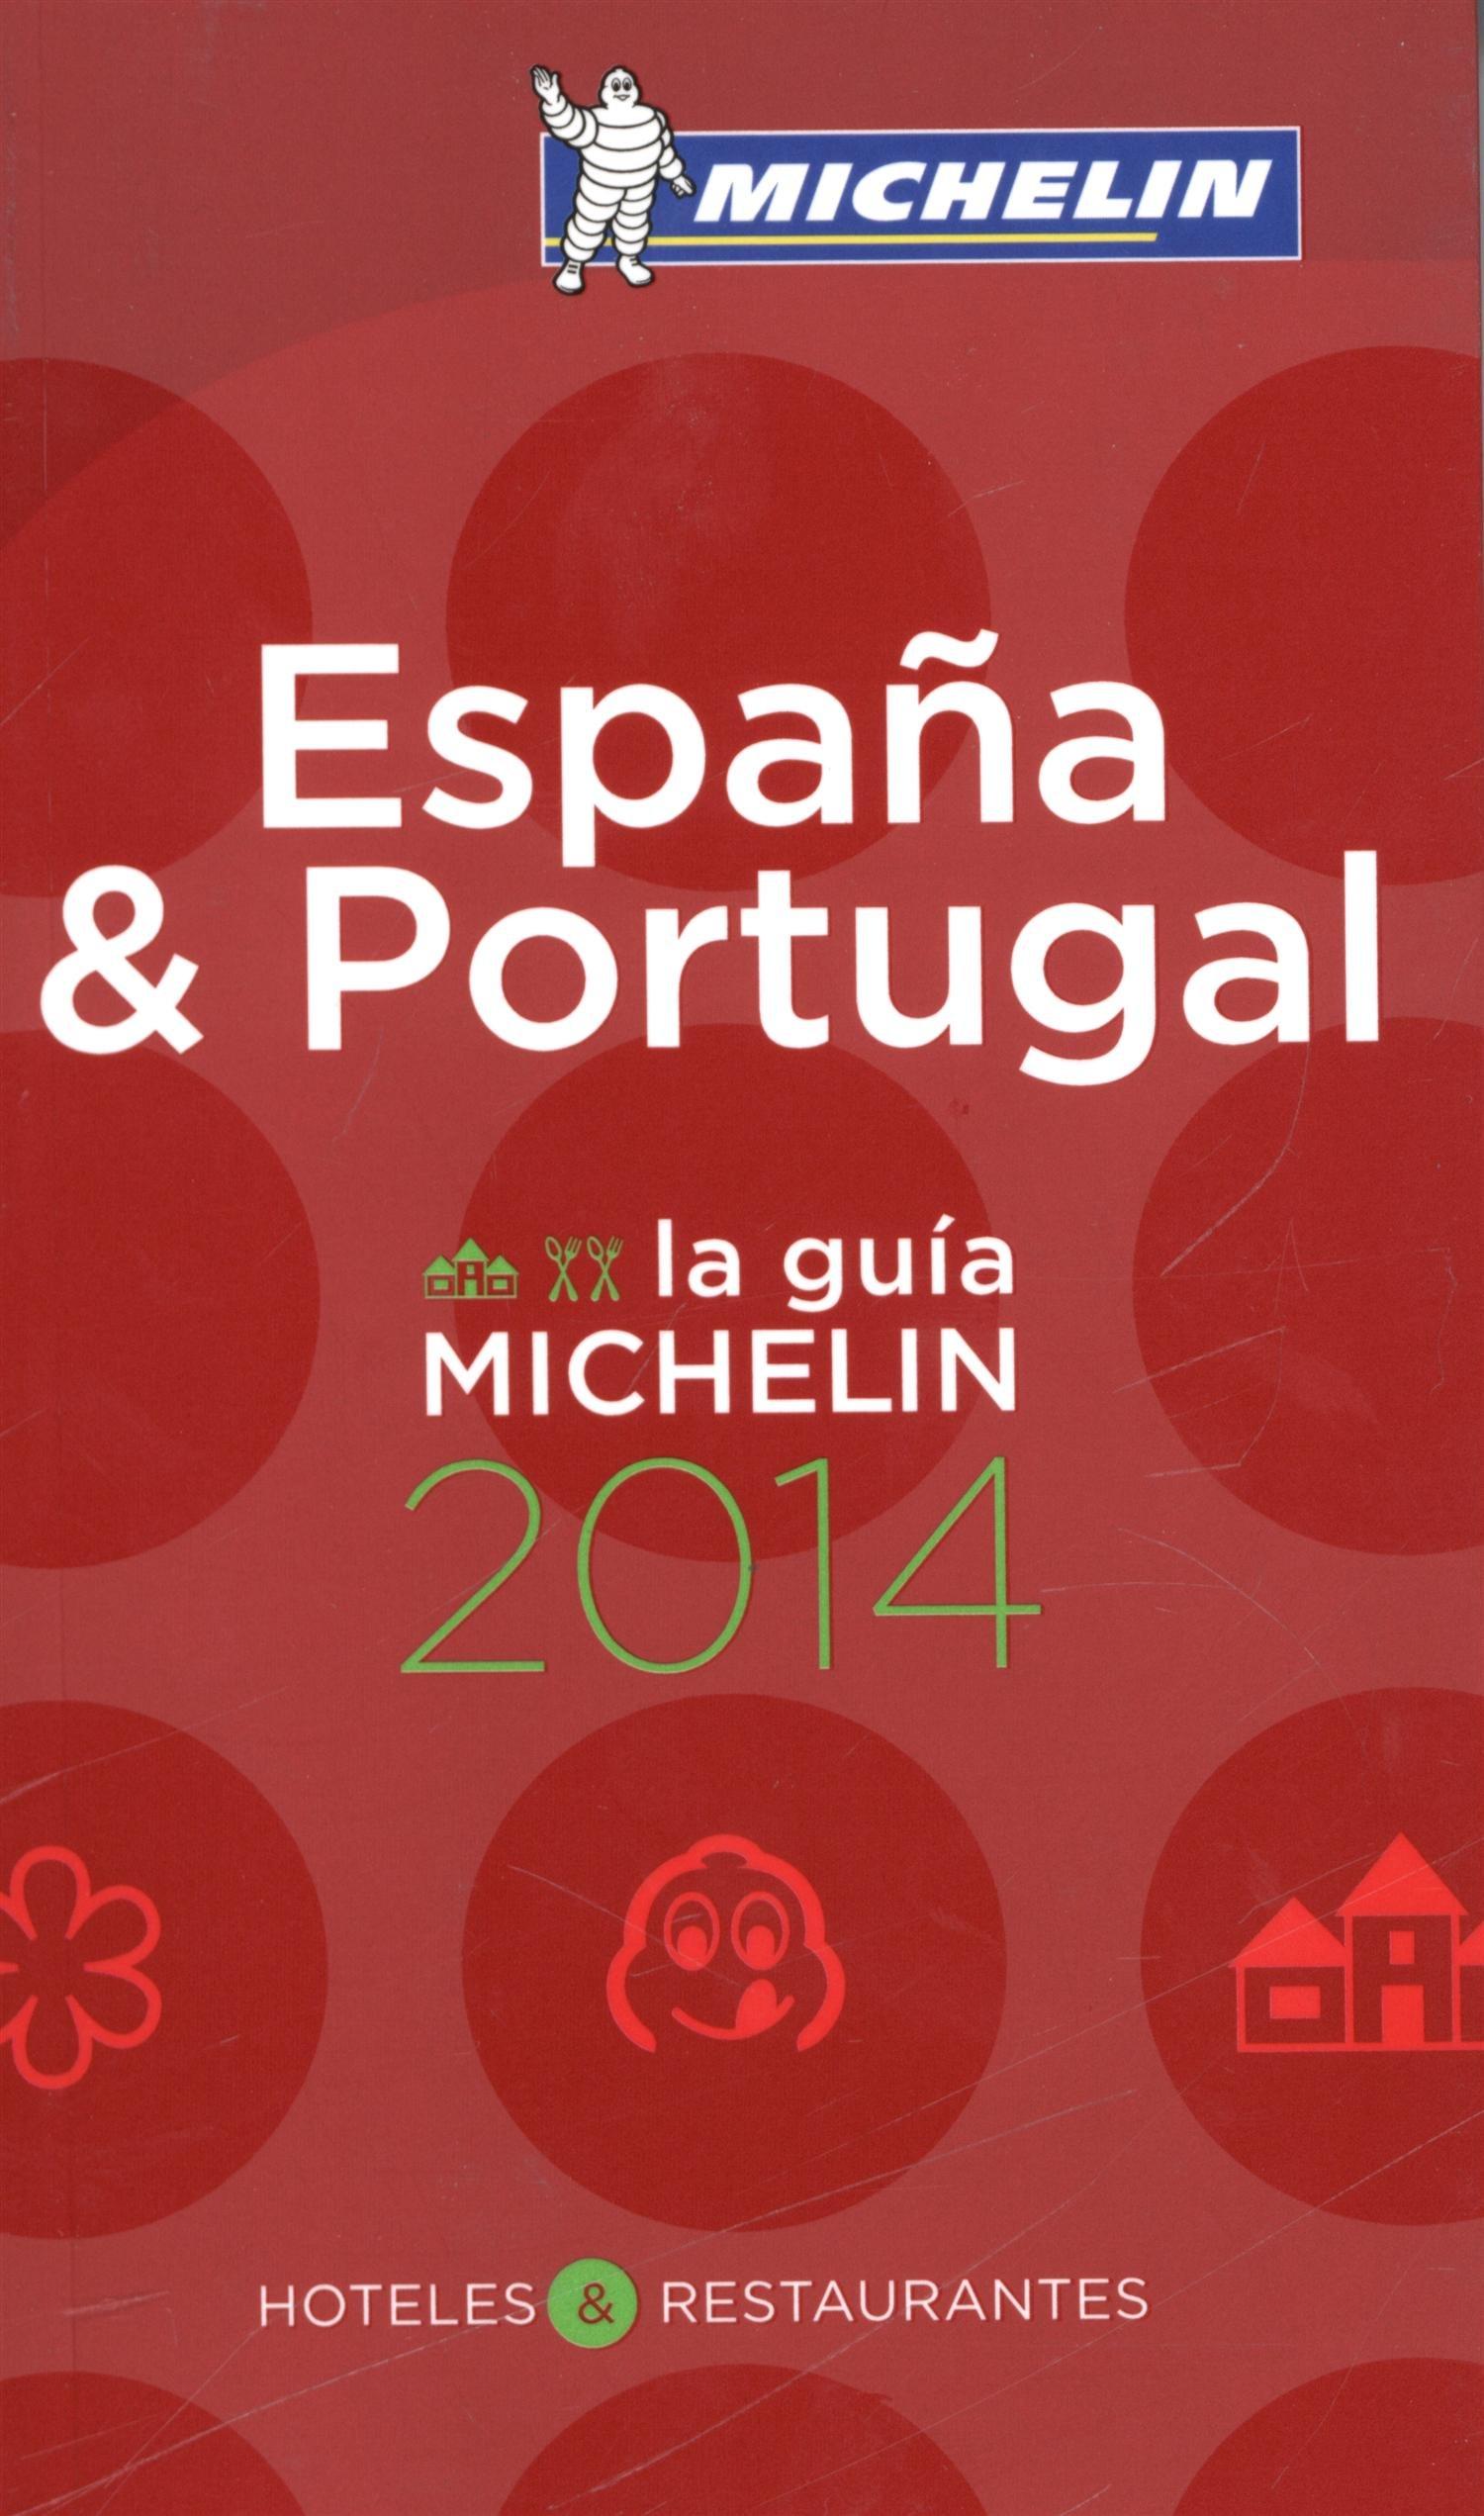 La guía Michelin España & Portugal 2014: Hoteles & Restaurantes: Hotels & Restaurants La guida rossa: Amazon.es: Vv.Aa, Vv.Aa.: Libros